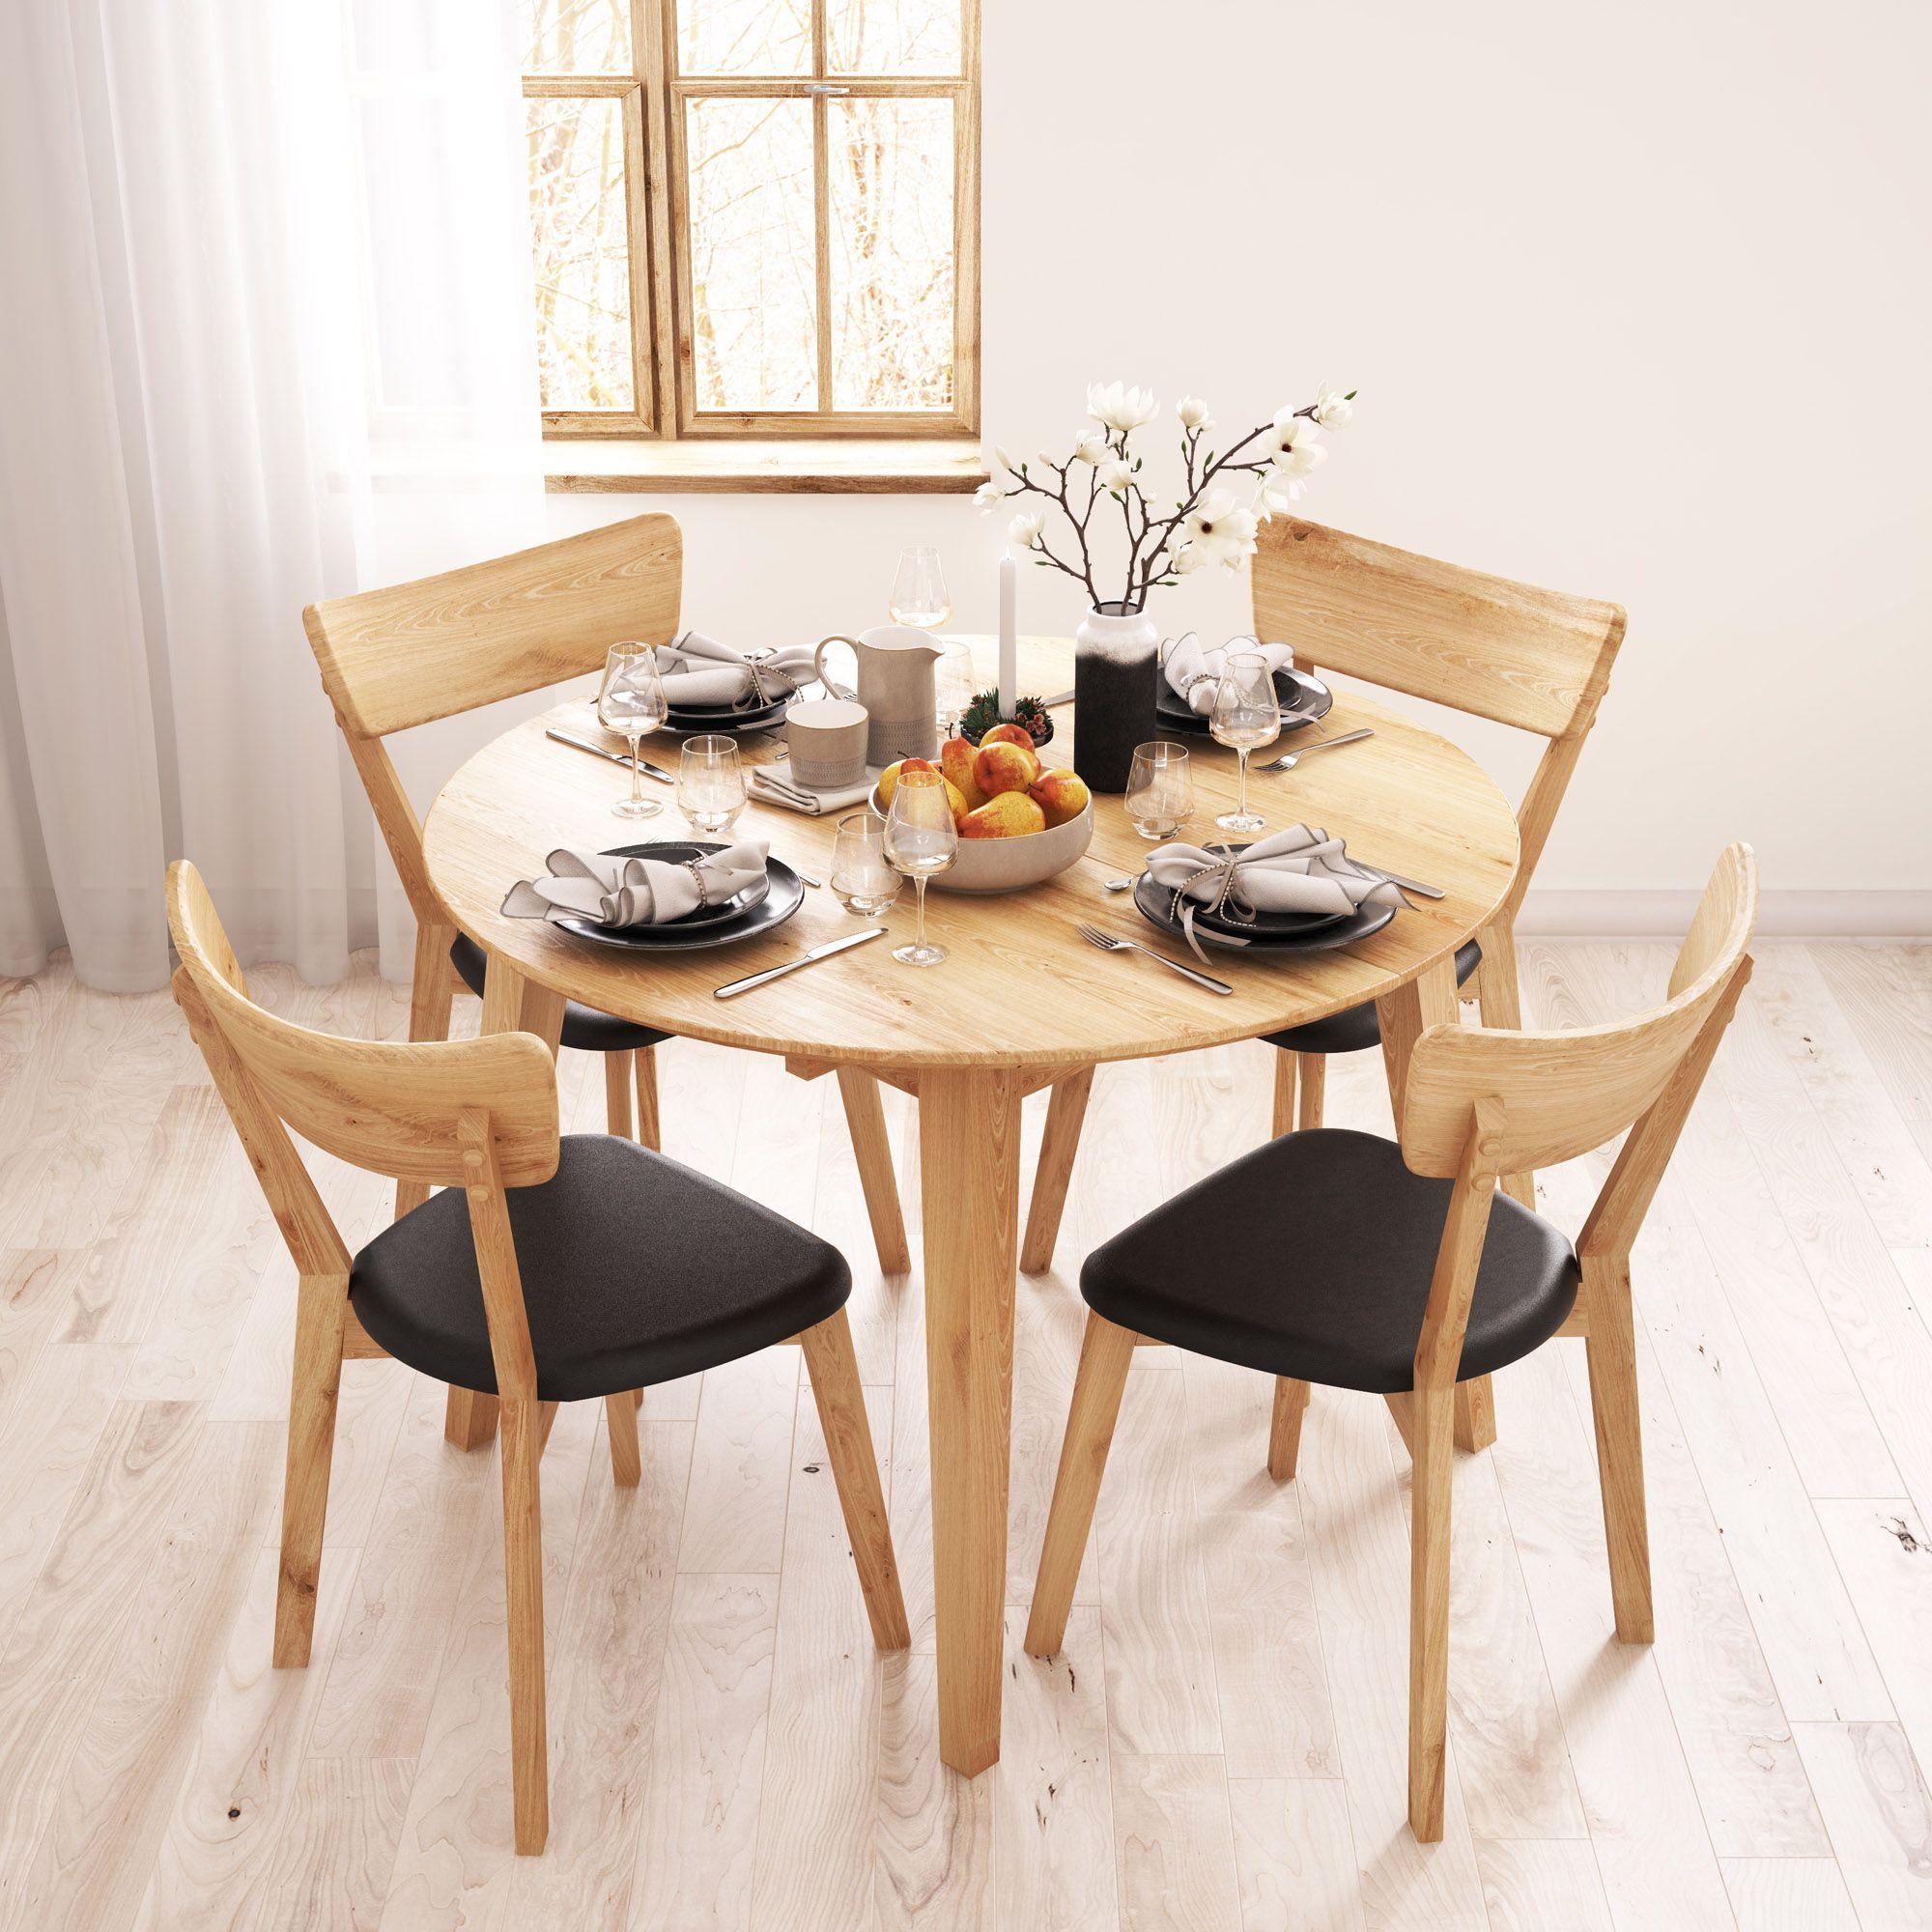 Stół dębowy Woodica. Piękny i solidny, a dzięki opcji